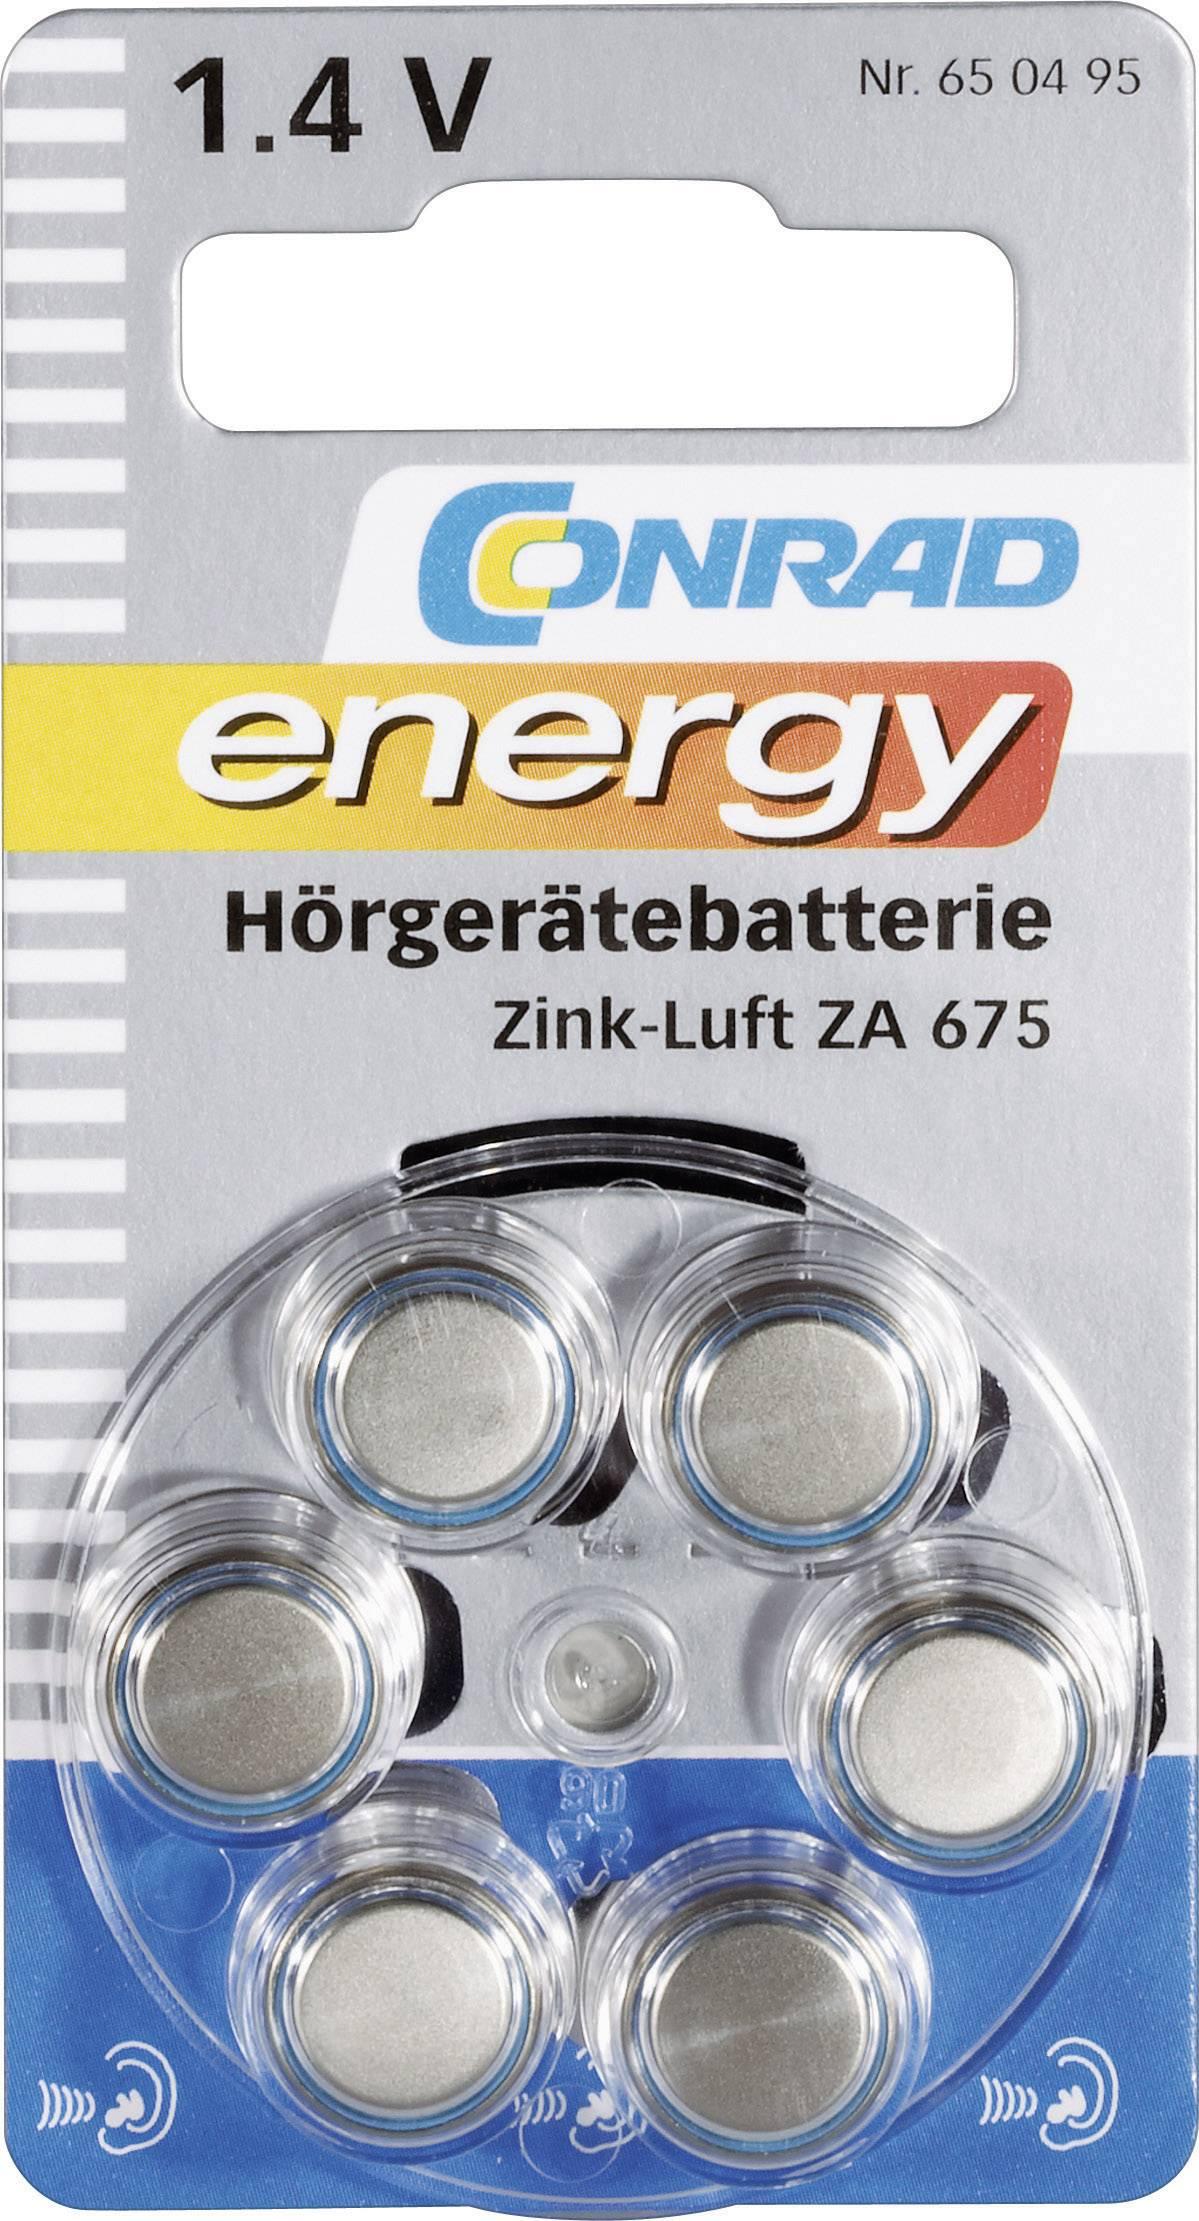 Conrad Energy zinkovo-vzduchové gombíkové batérie ZA 675